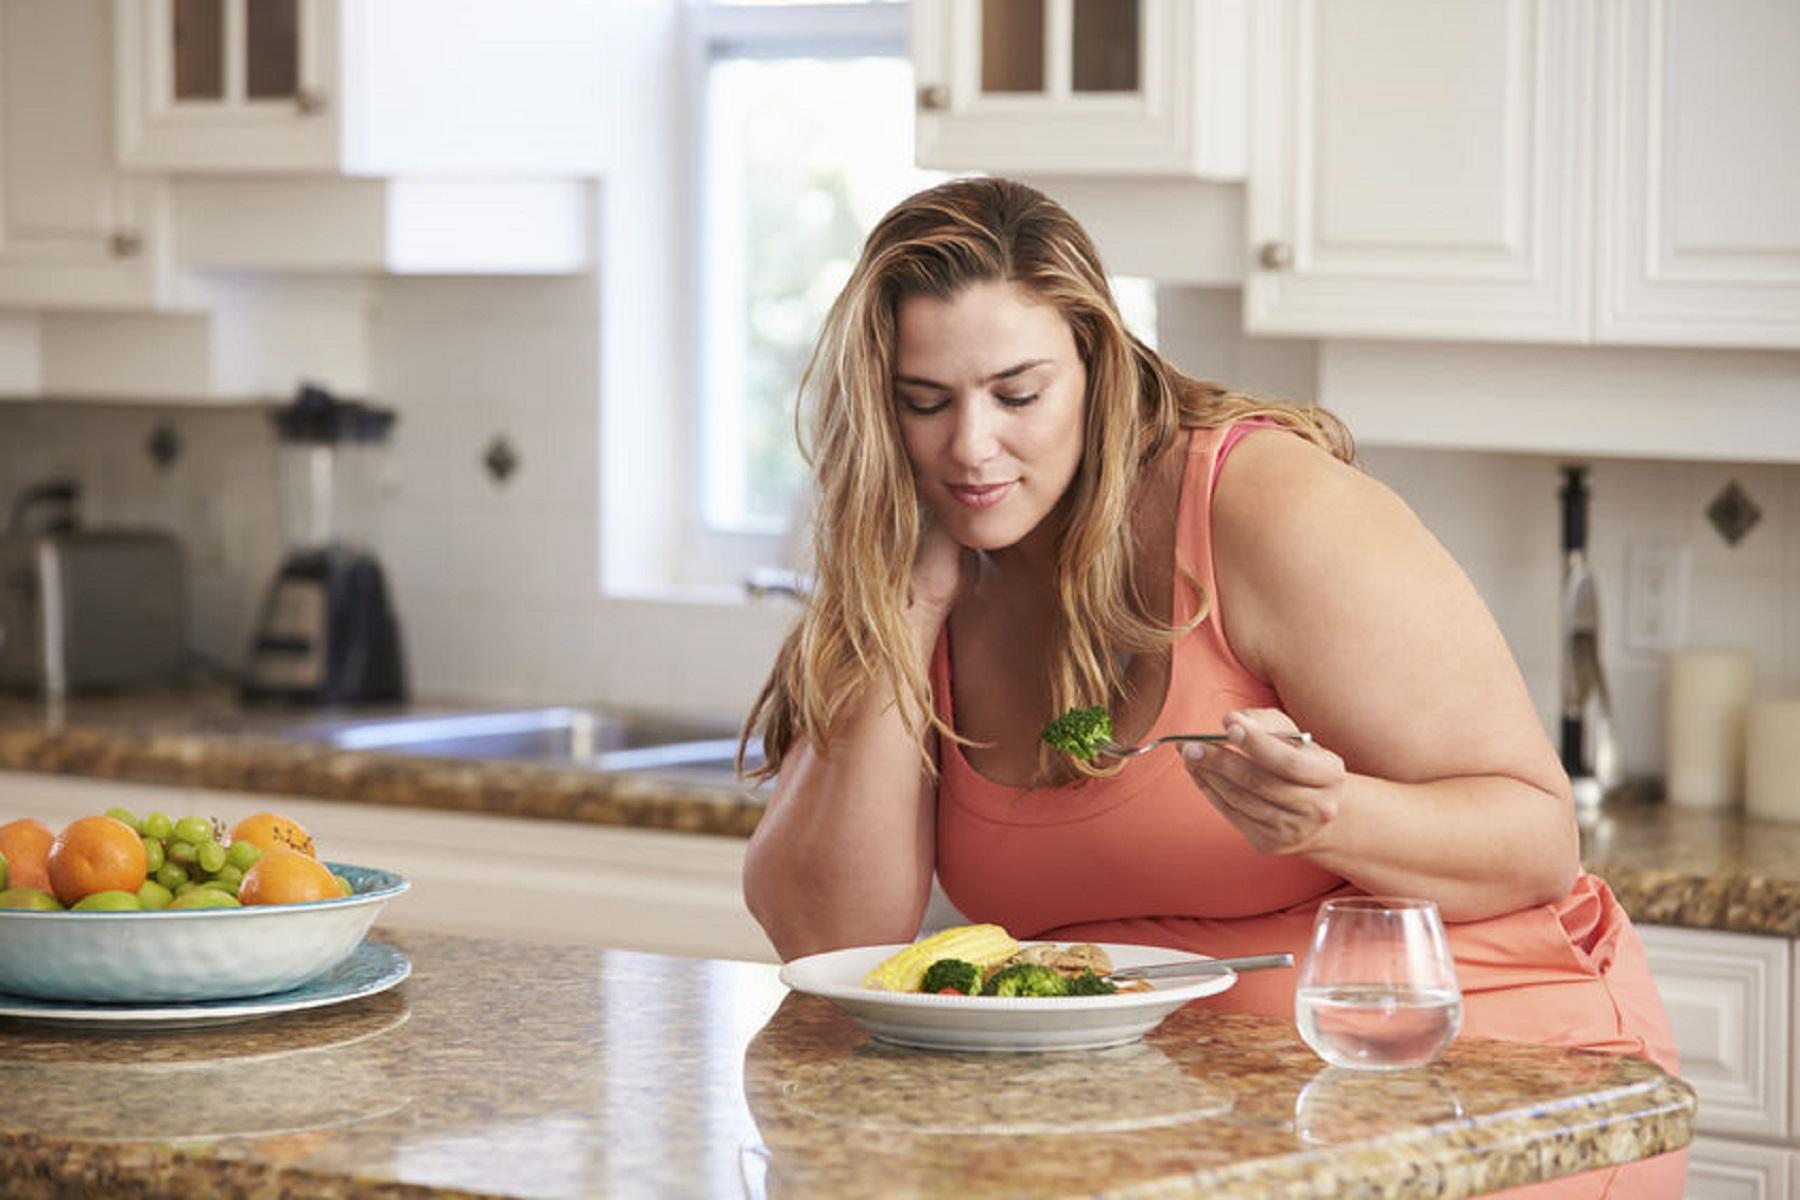 Πανεπιστημιακή Έρευνα: Σχέση παχυσαρκίας και βακτηριακών λοιμώξεων